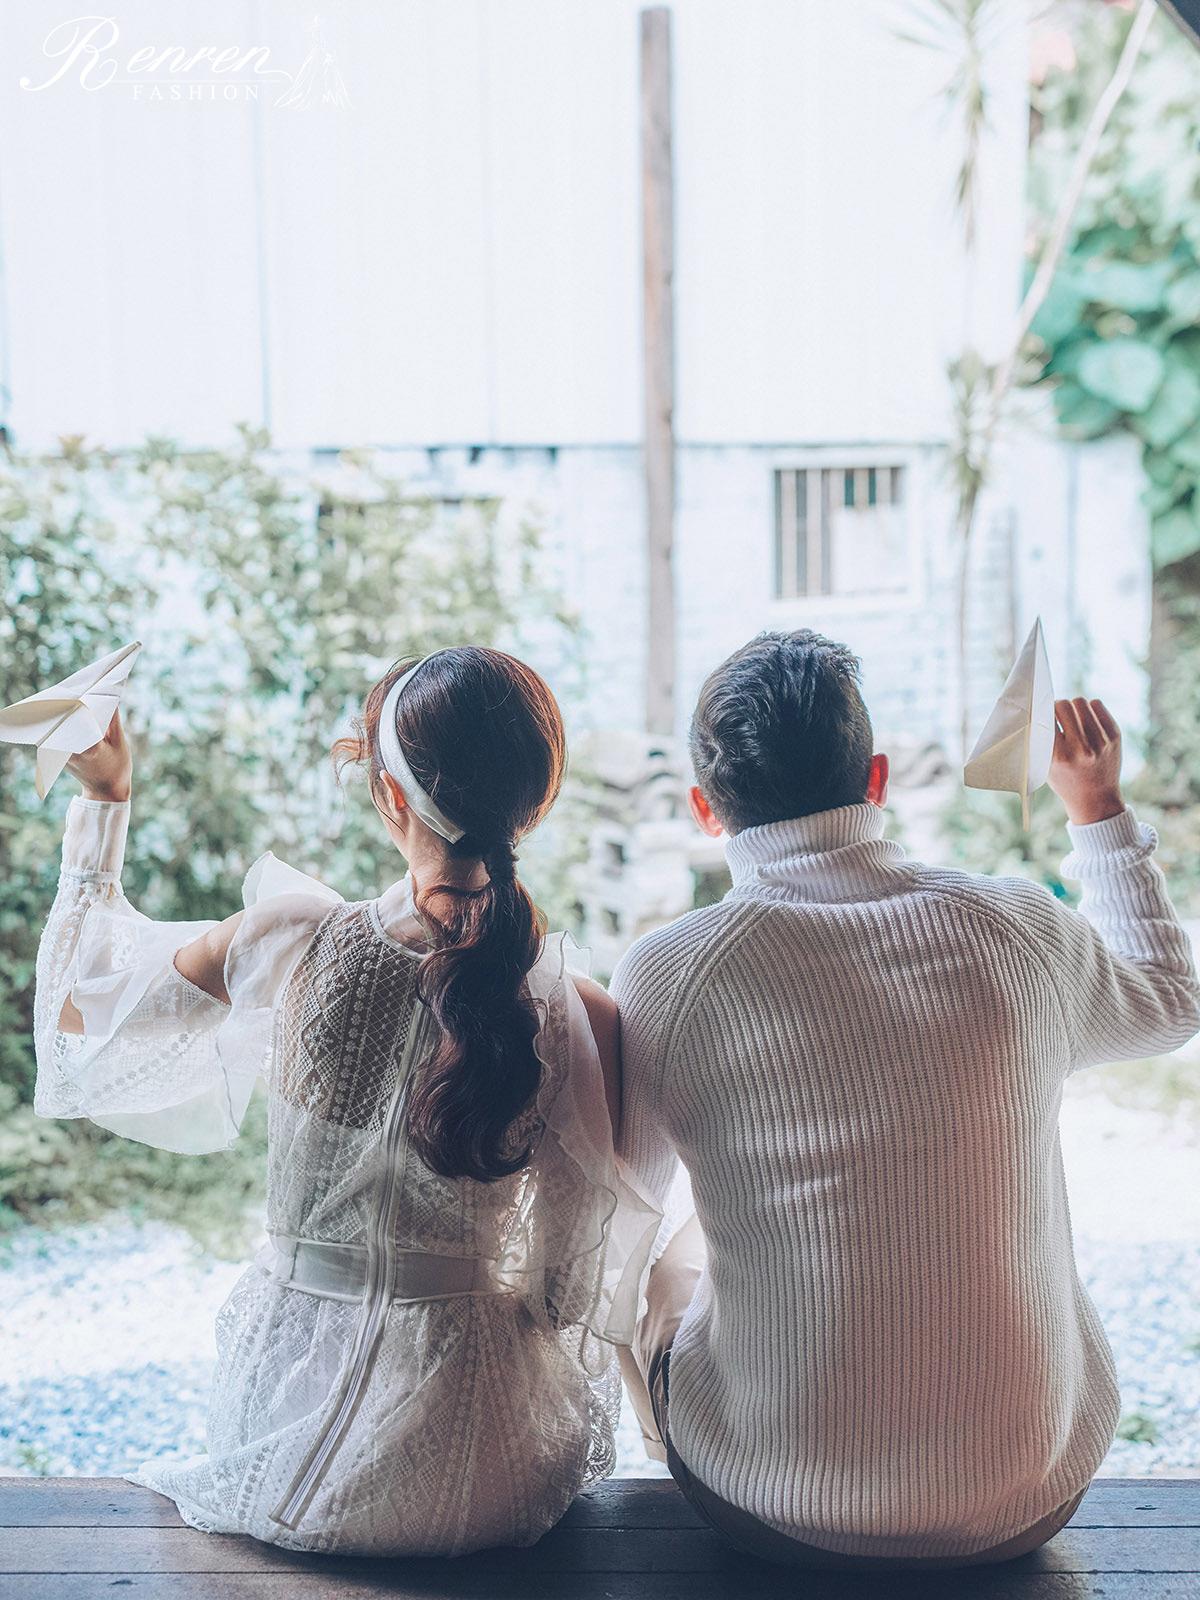 慕朵-魏沐-紀實婚紗-台中日式建築-戶方-老屋-冉冉婚紗-5